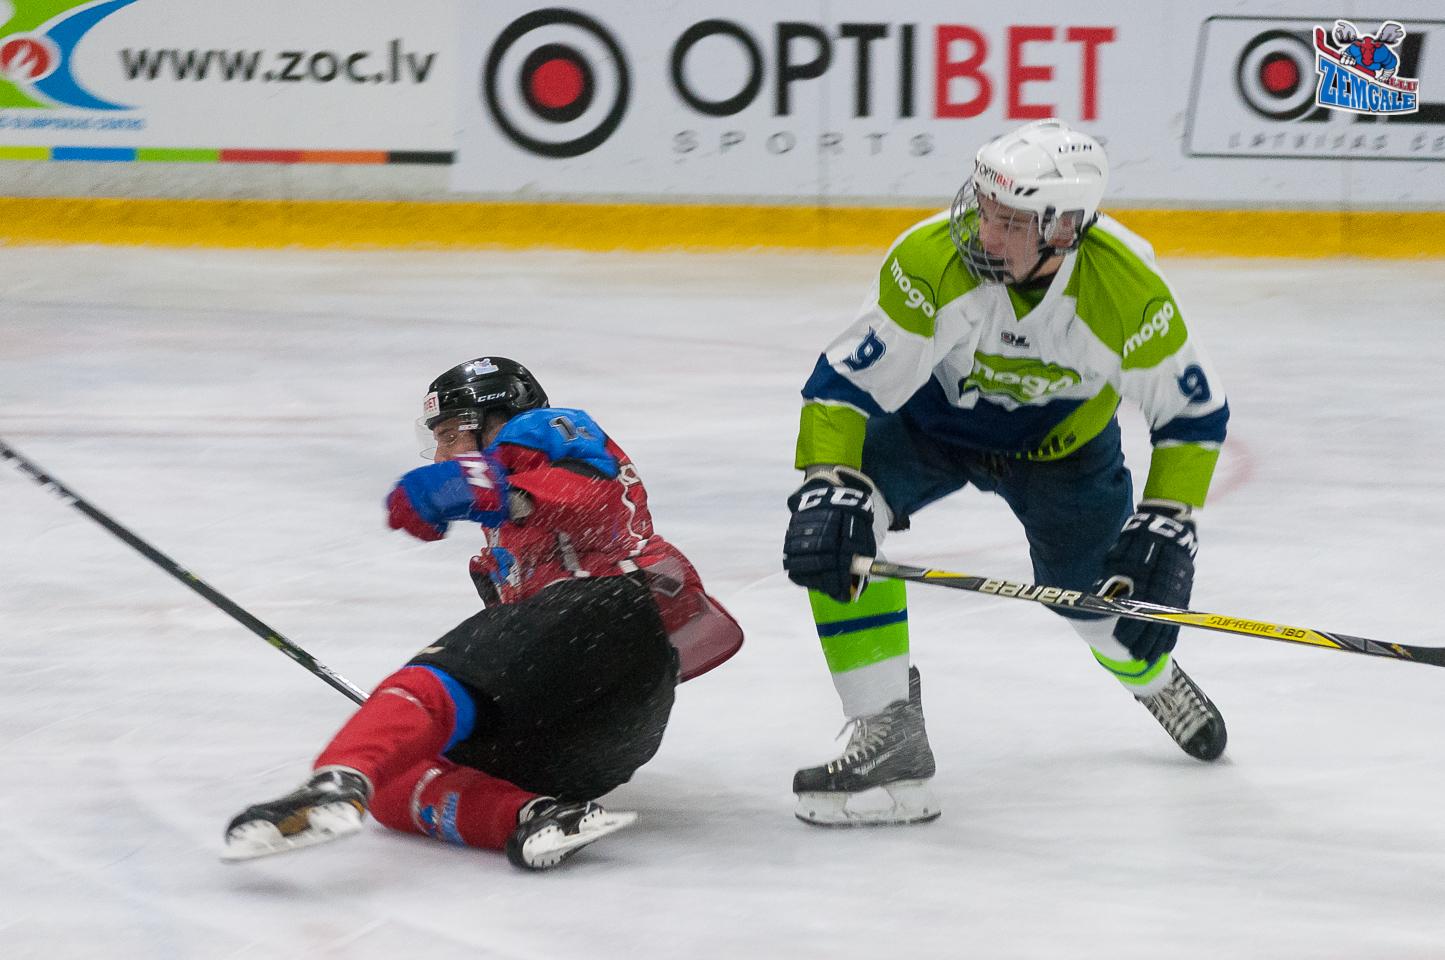 Jelgava – 11. oktobris: Mogo aizsargs Kārlis Gustavs Logins #9 ar spēka paņēmienu nogāž Zemgale/LLU uzbrucēju Raivi Kurniginu #13 Jelgavas ledus hallē 2017. gada 11. oktobrī.